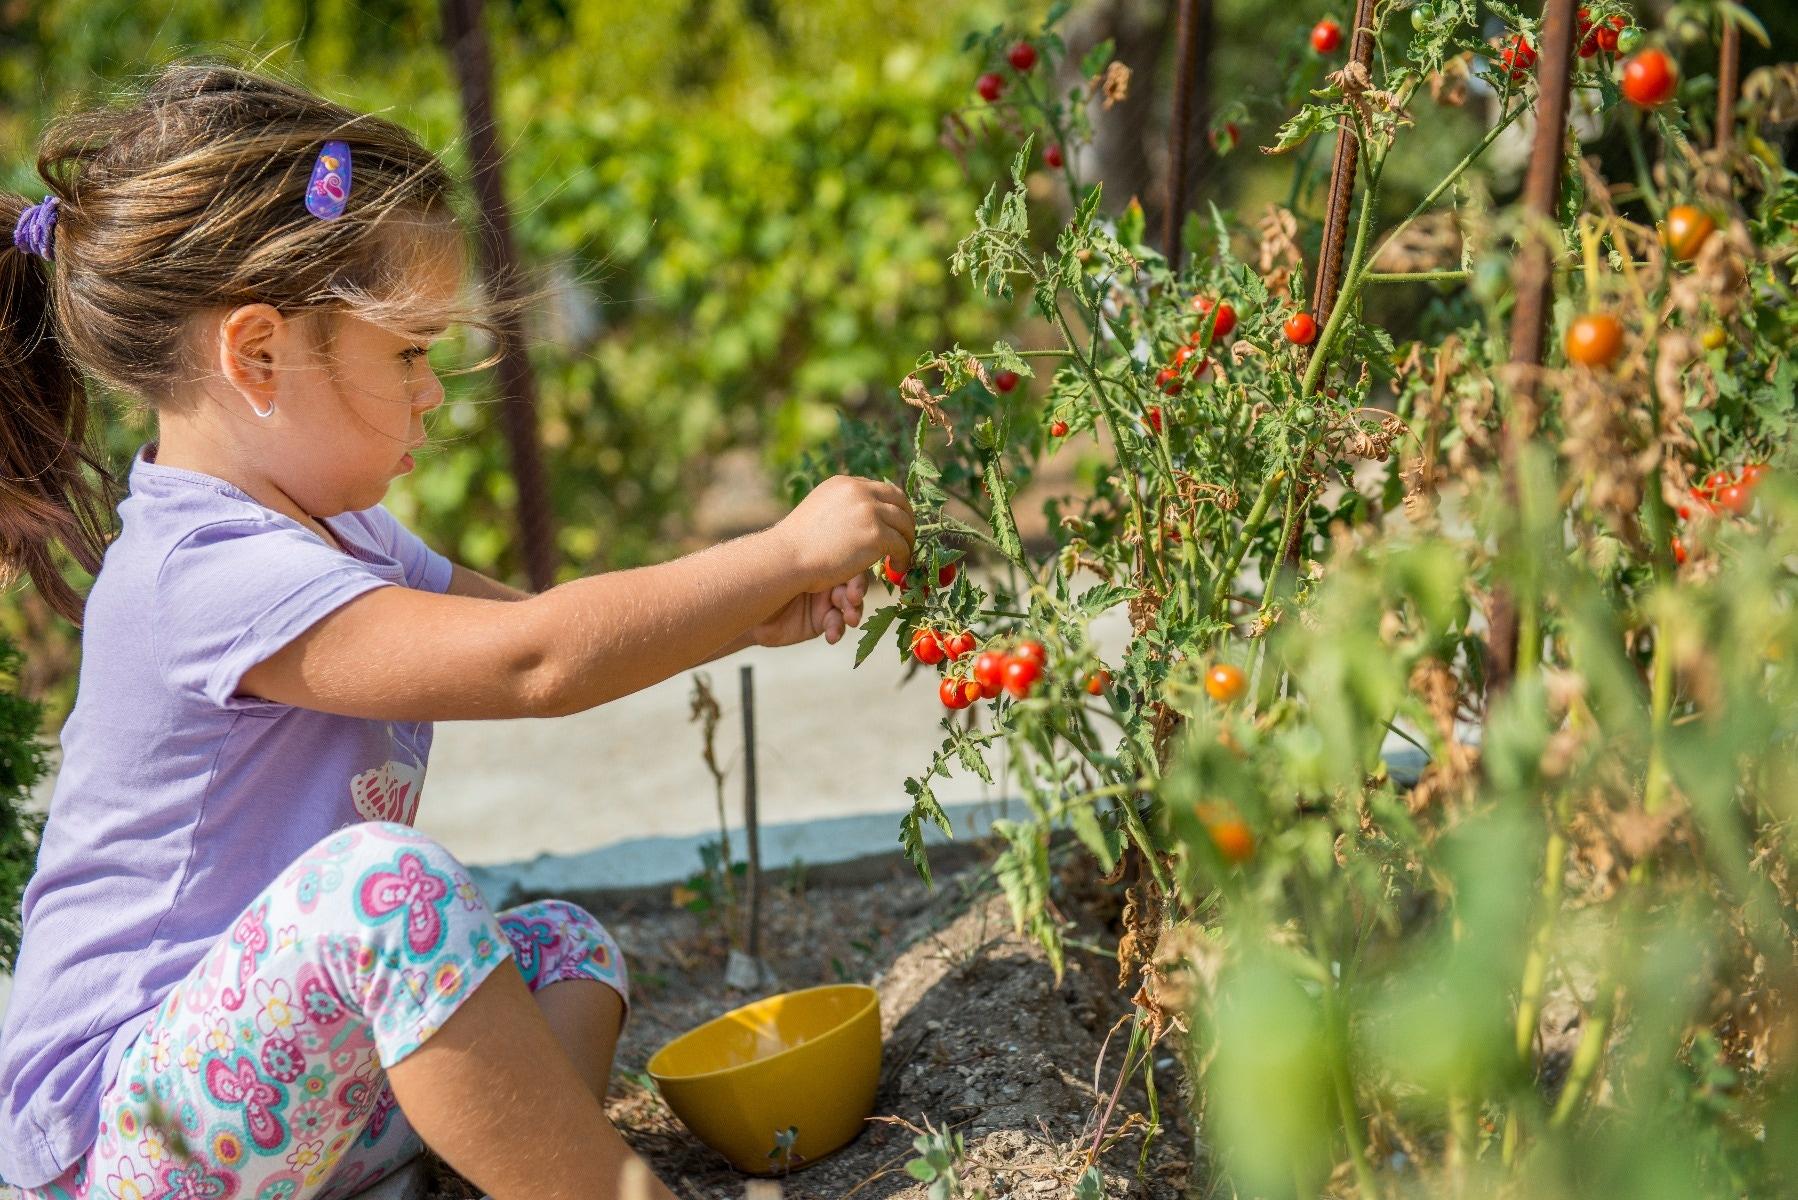 girl gardening tomatoes